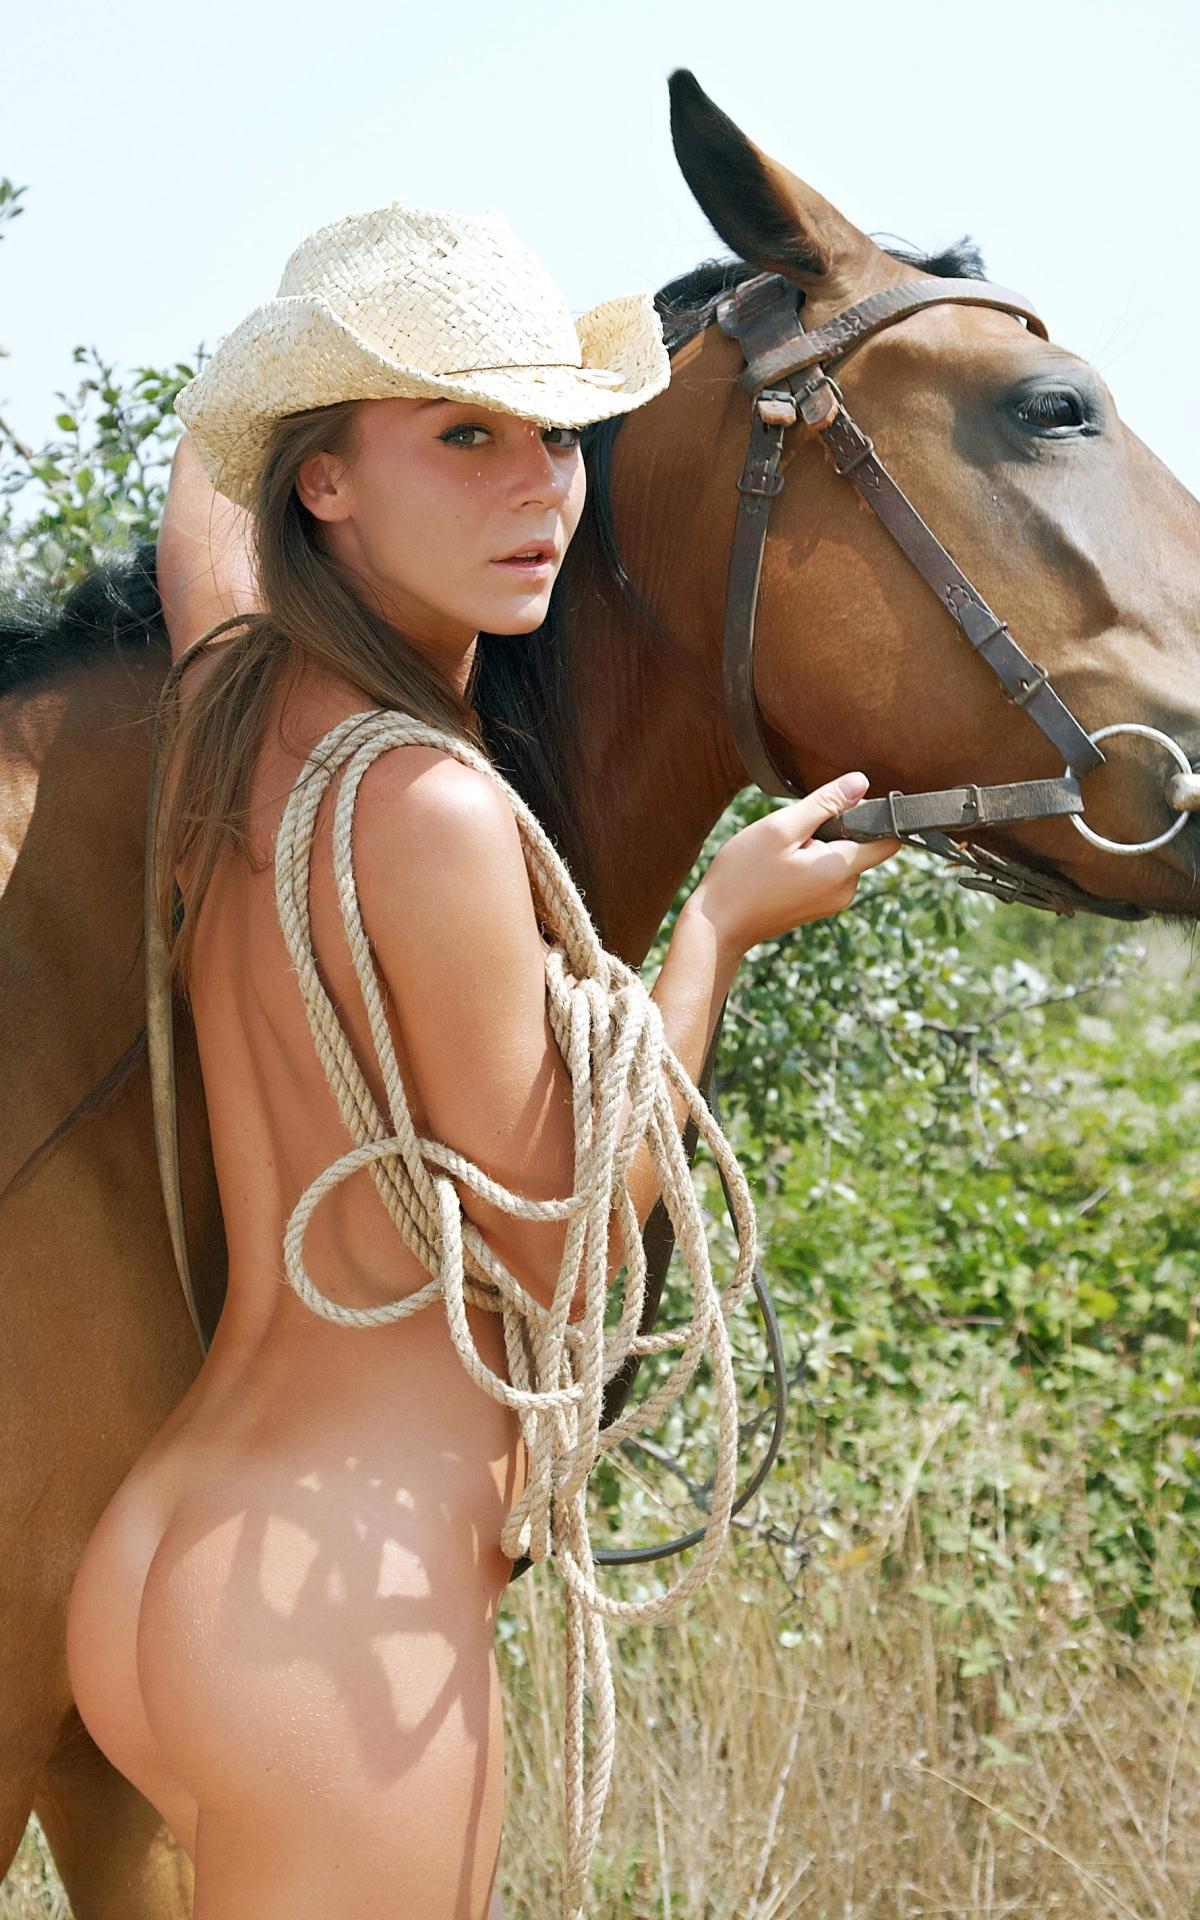 【海外露出エロ画像】馬とはできませんw裸で颯爽と現れたカウガール風美女www 26